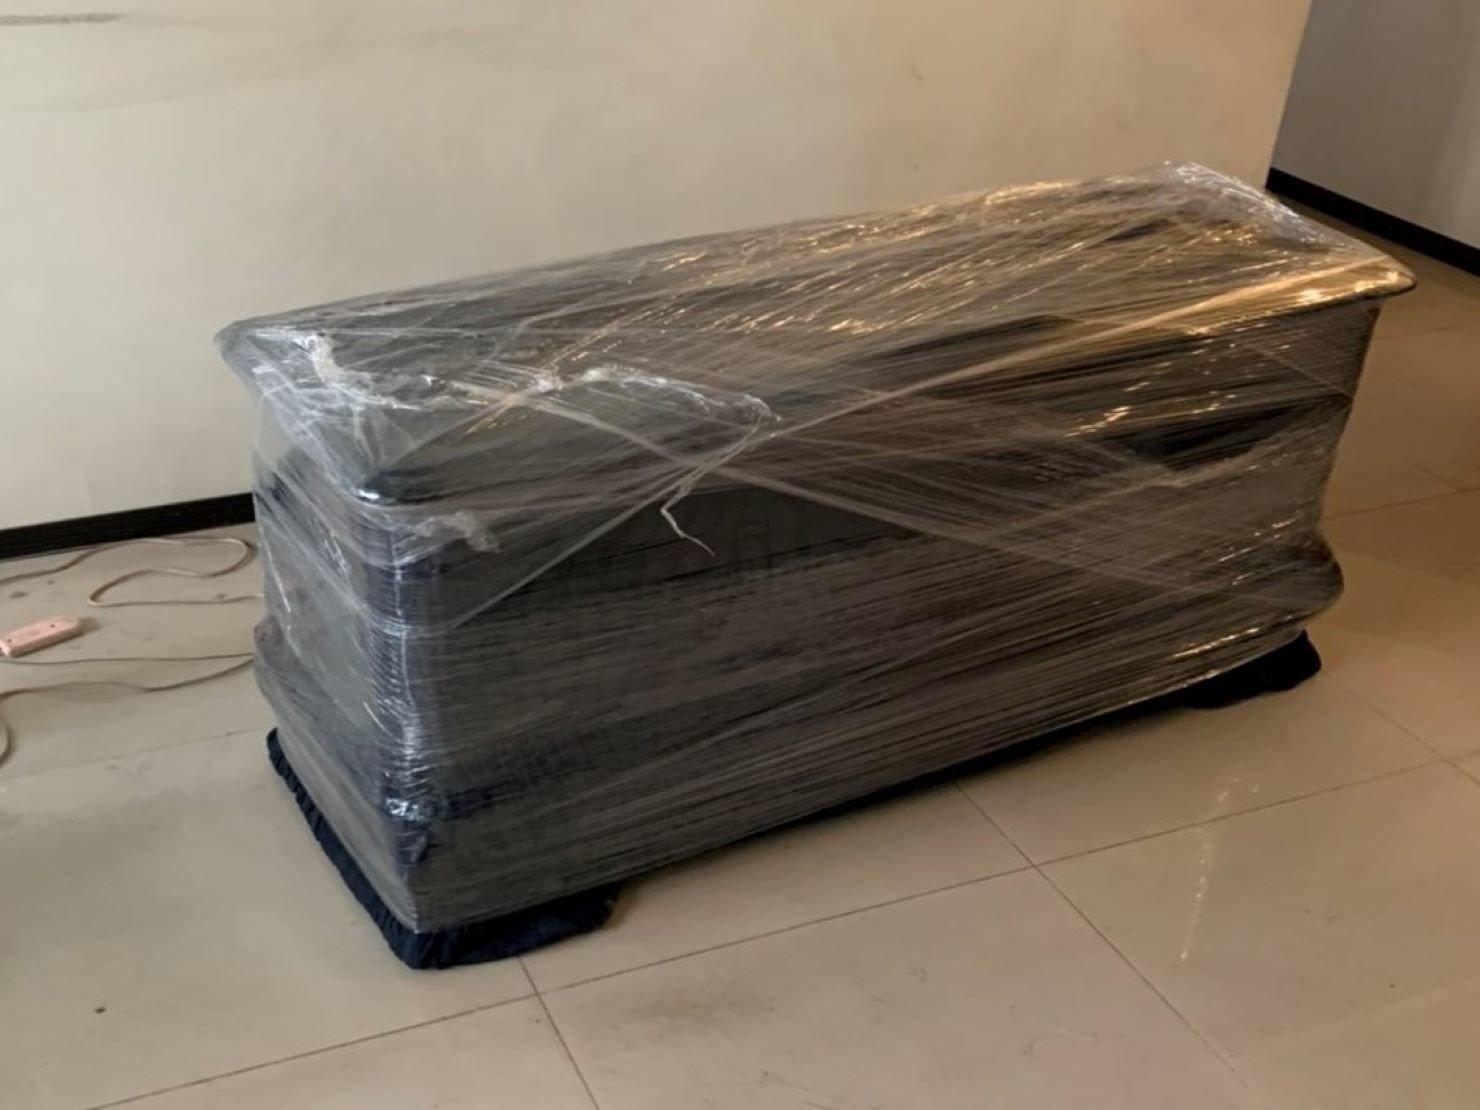 搬家【榮福搬家】搬家公司推薦、口碑第一、台北搬家:紅木玻璃上下櫃:下櫃先以布紋膠帶黏貼抽屜再用日式布套包覆住,最後裹上層層膠膜。